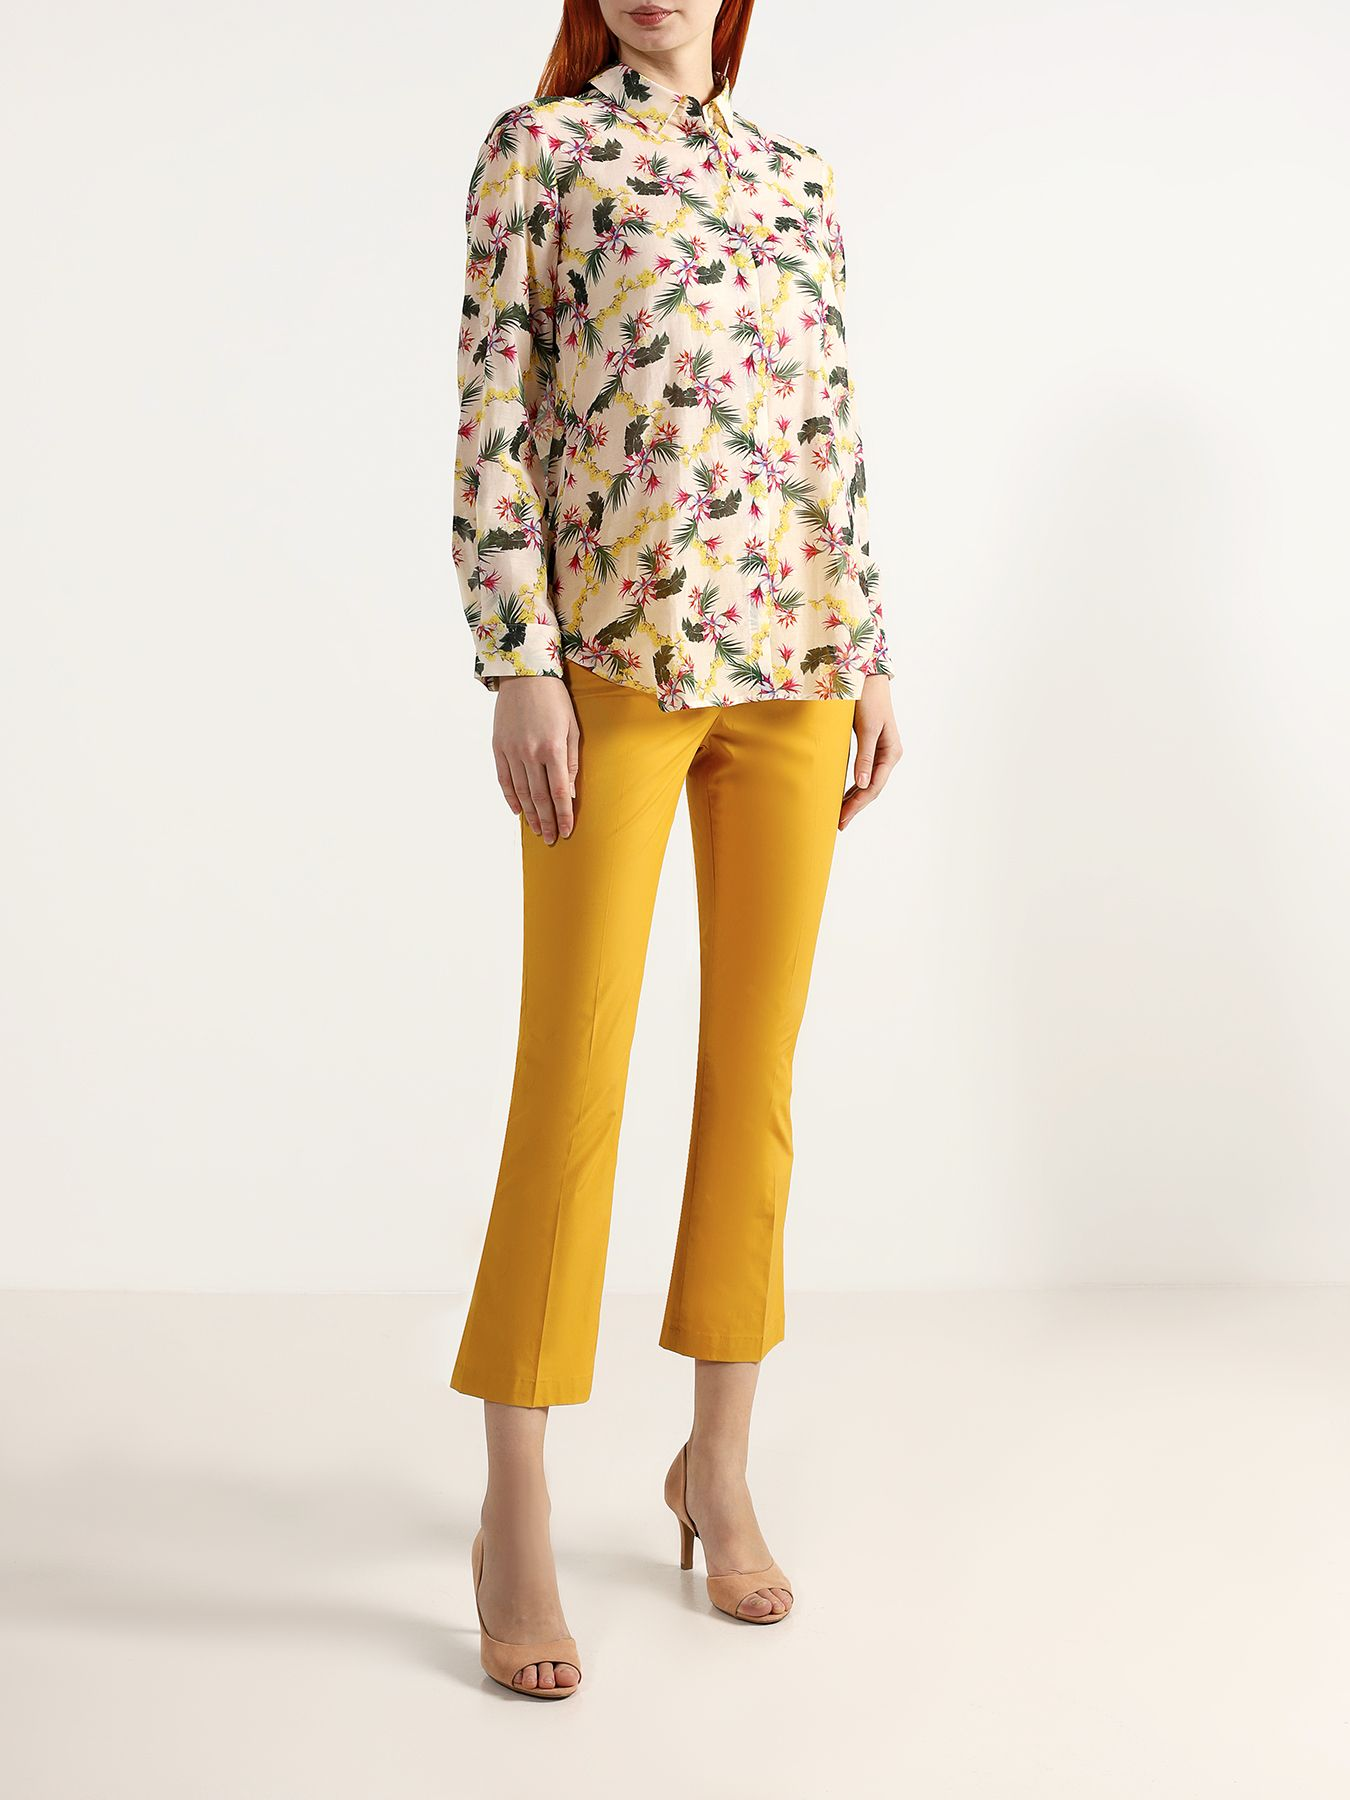 Брюки TWINSET MILANO Расклешенные брюки джинсы twinset milano twinset milano tw008ewbwph2